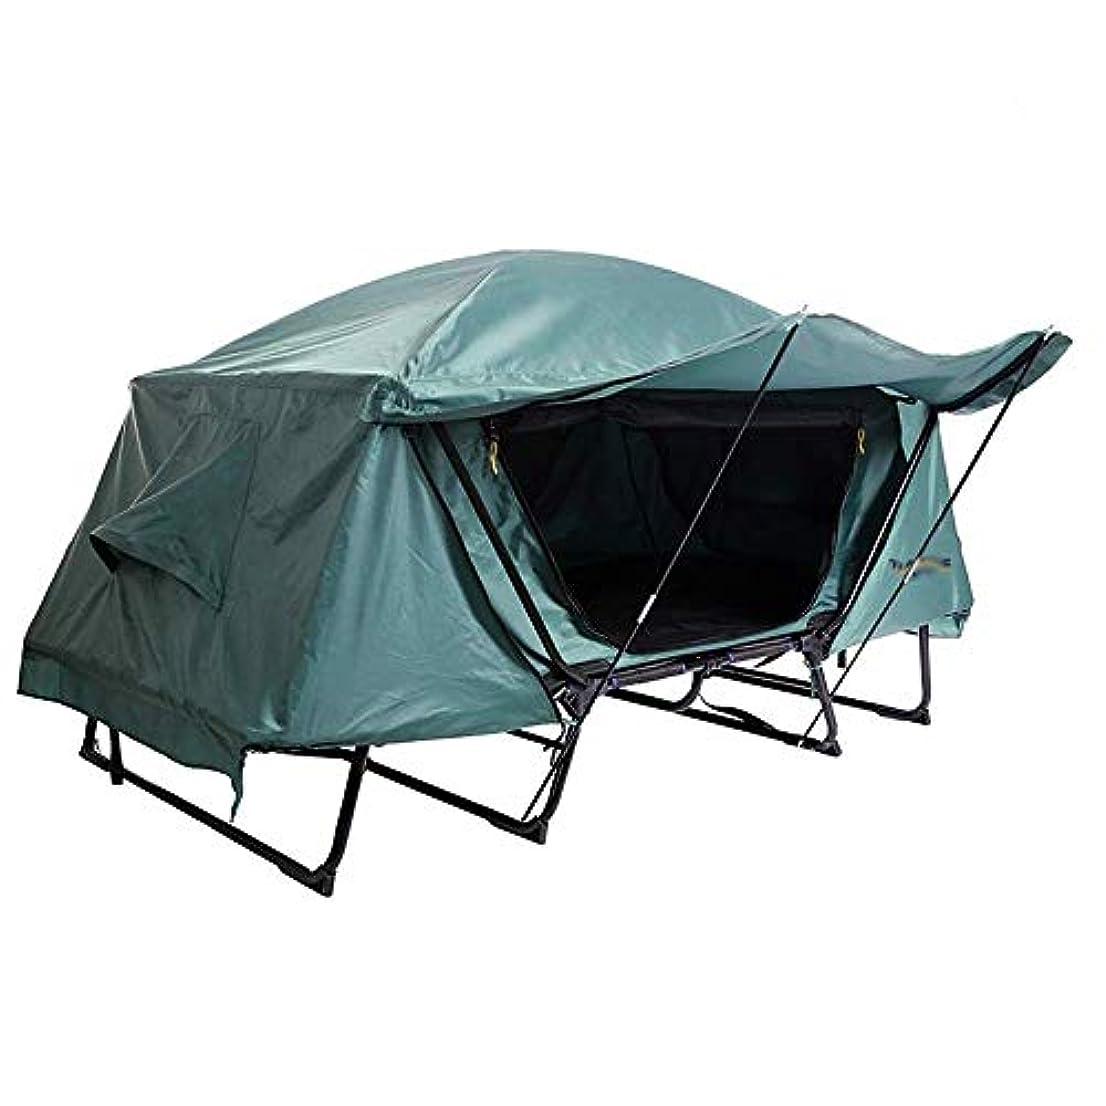 縫うアイザック先生XSWZAQ 屋外のテントの単一の二重釣キャンプの暖かい防風の防雨の屋外のテント (Size : 210*126*120cm)